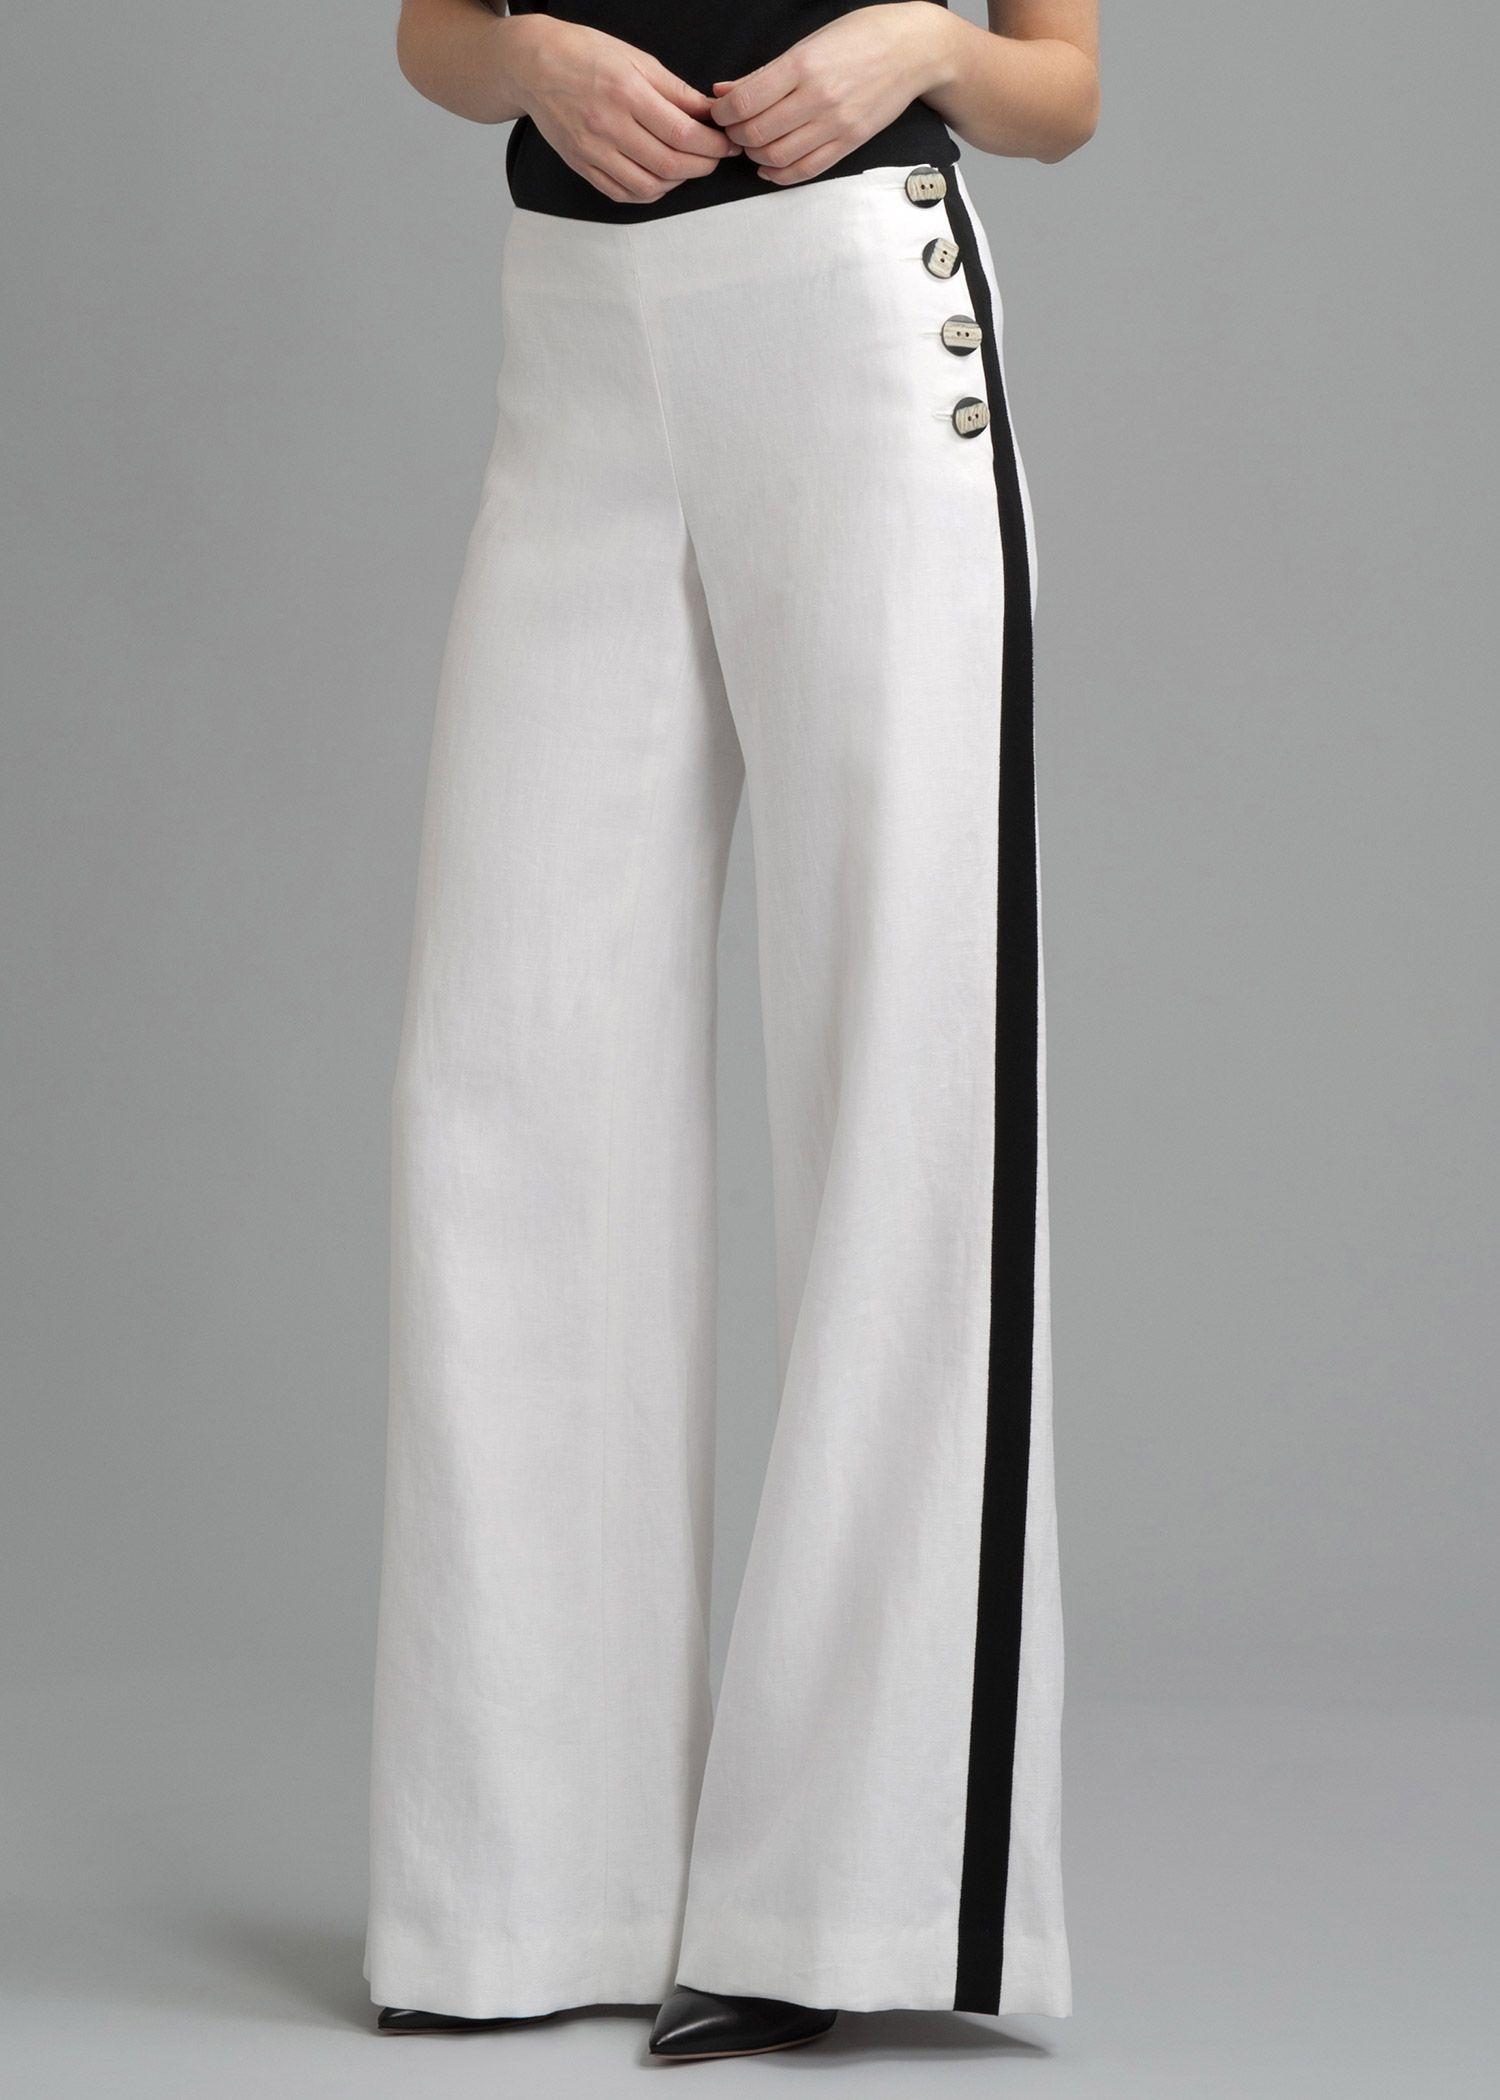 dab4019f5c557 Plus-Size Lavish Linen Wide Leg Pant with Grosgrain